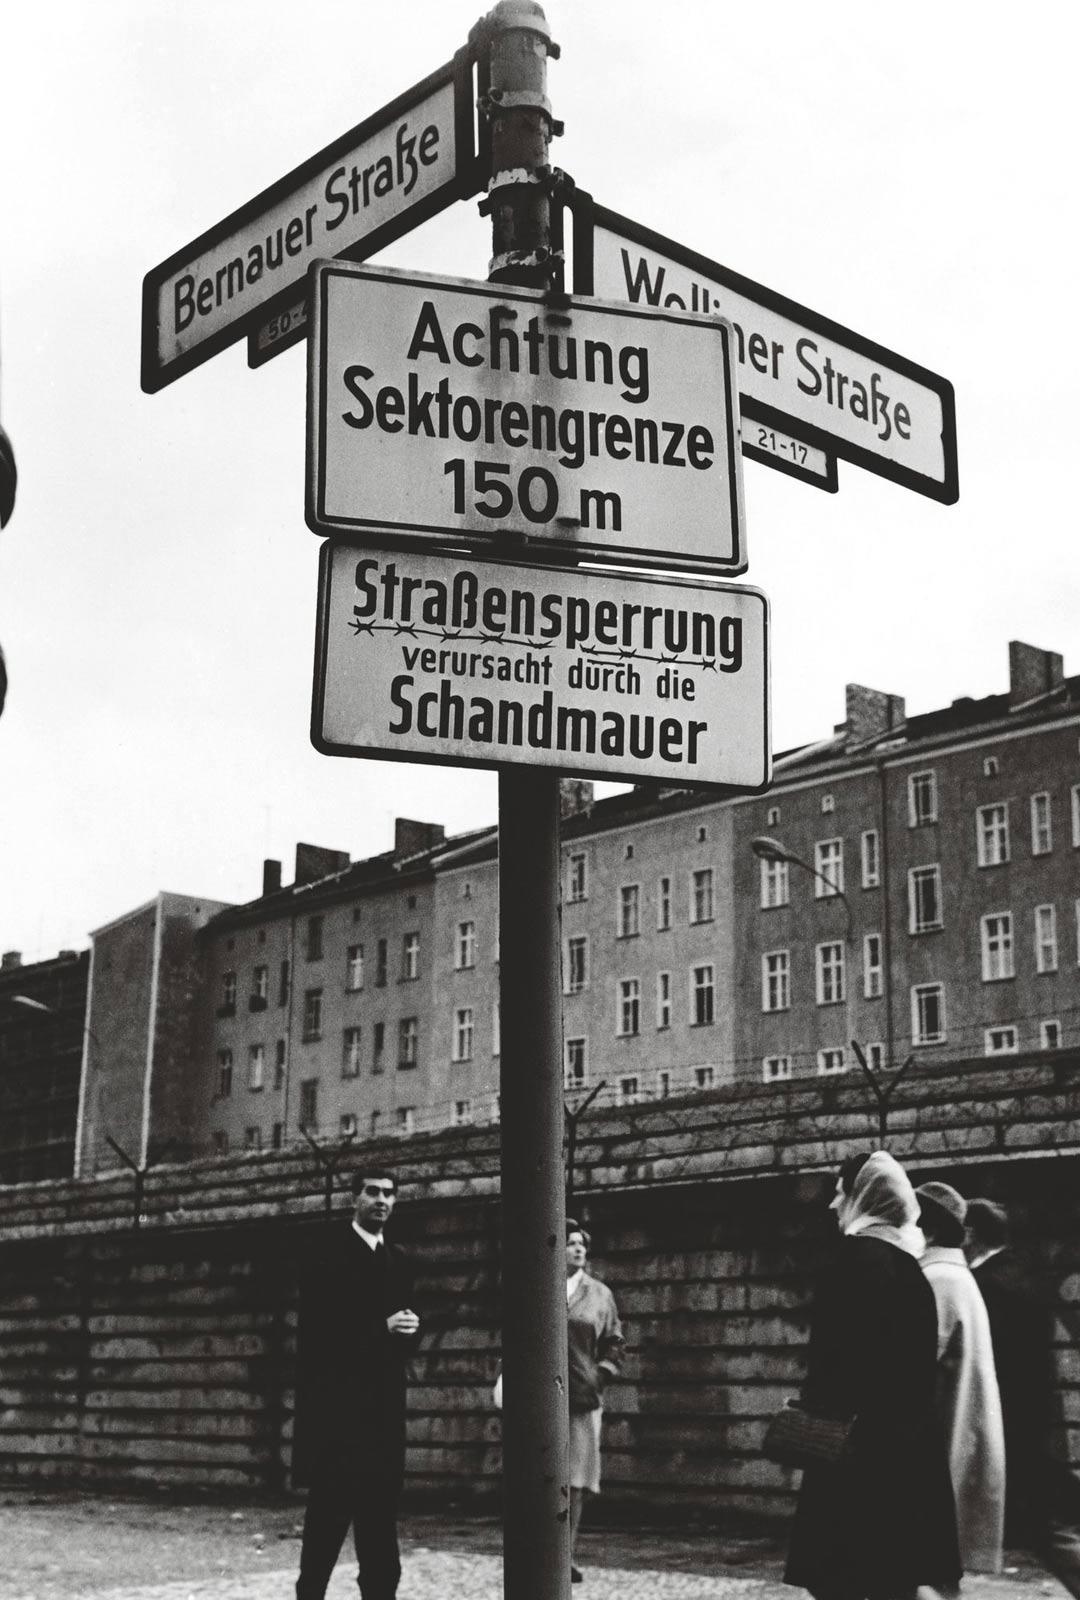 Monella interreil-matkailijalla lienee muistoja jaetusta Euroopasta tai Berliinin muurista.